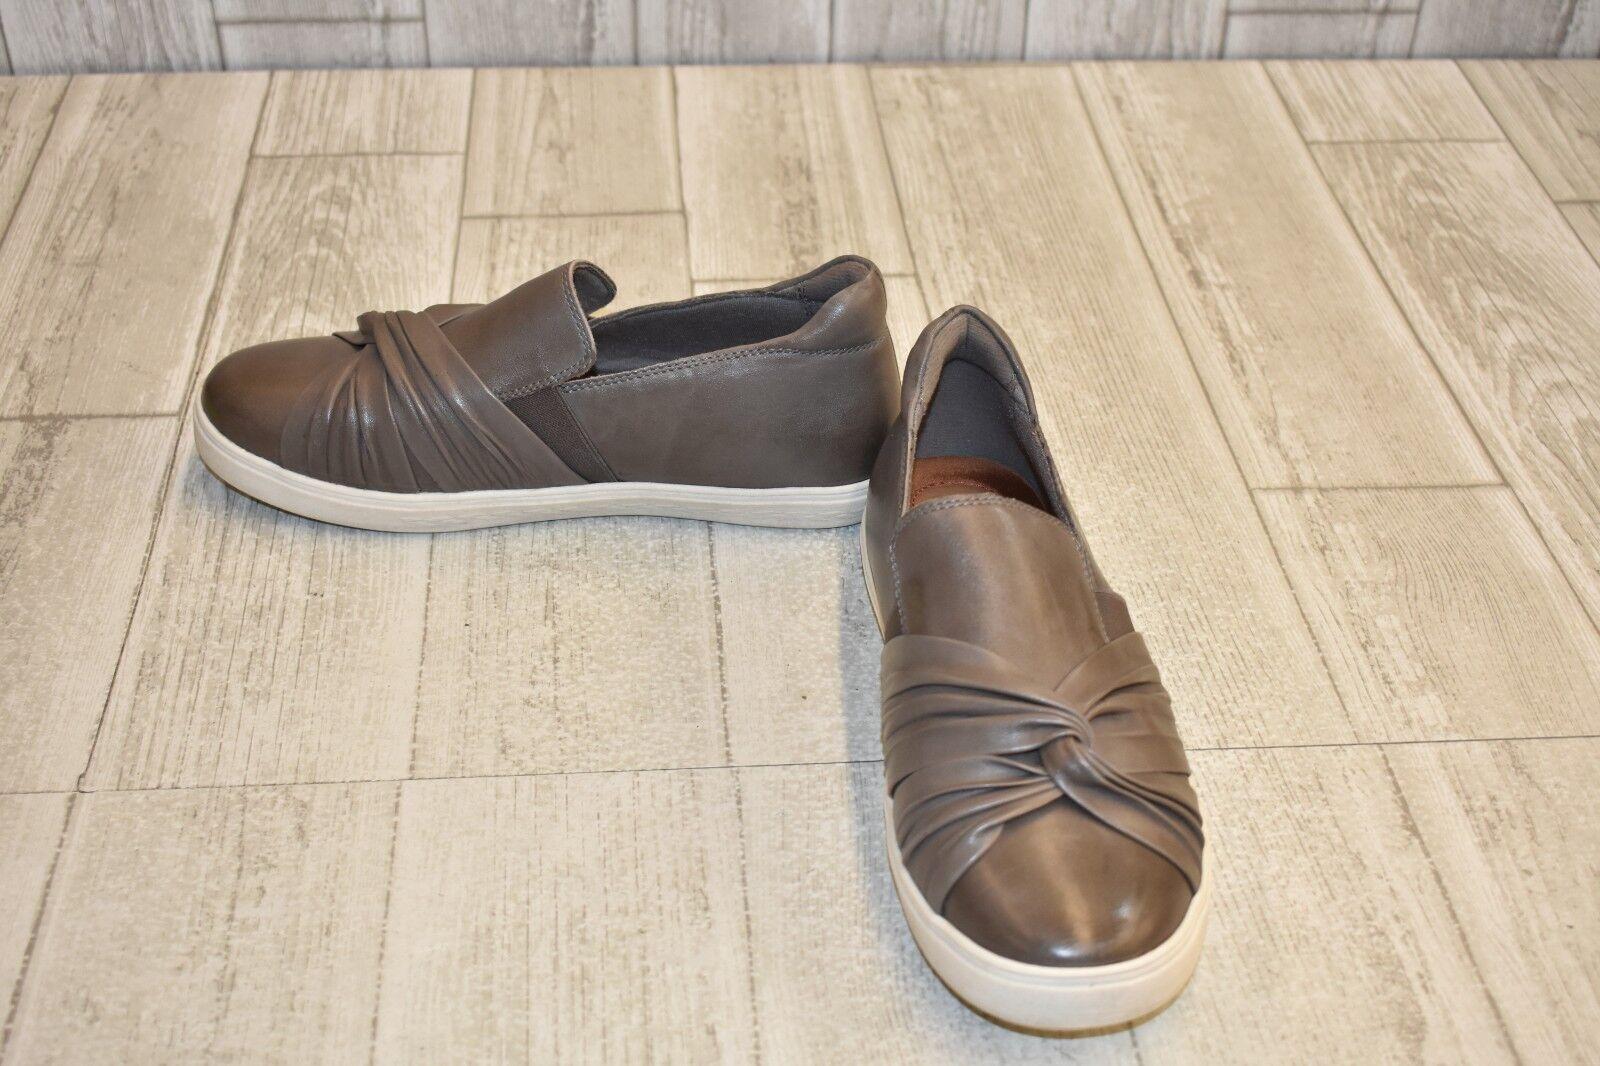 Rockport Willa Bow Slip On-Women's Size 7.5W Grey